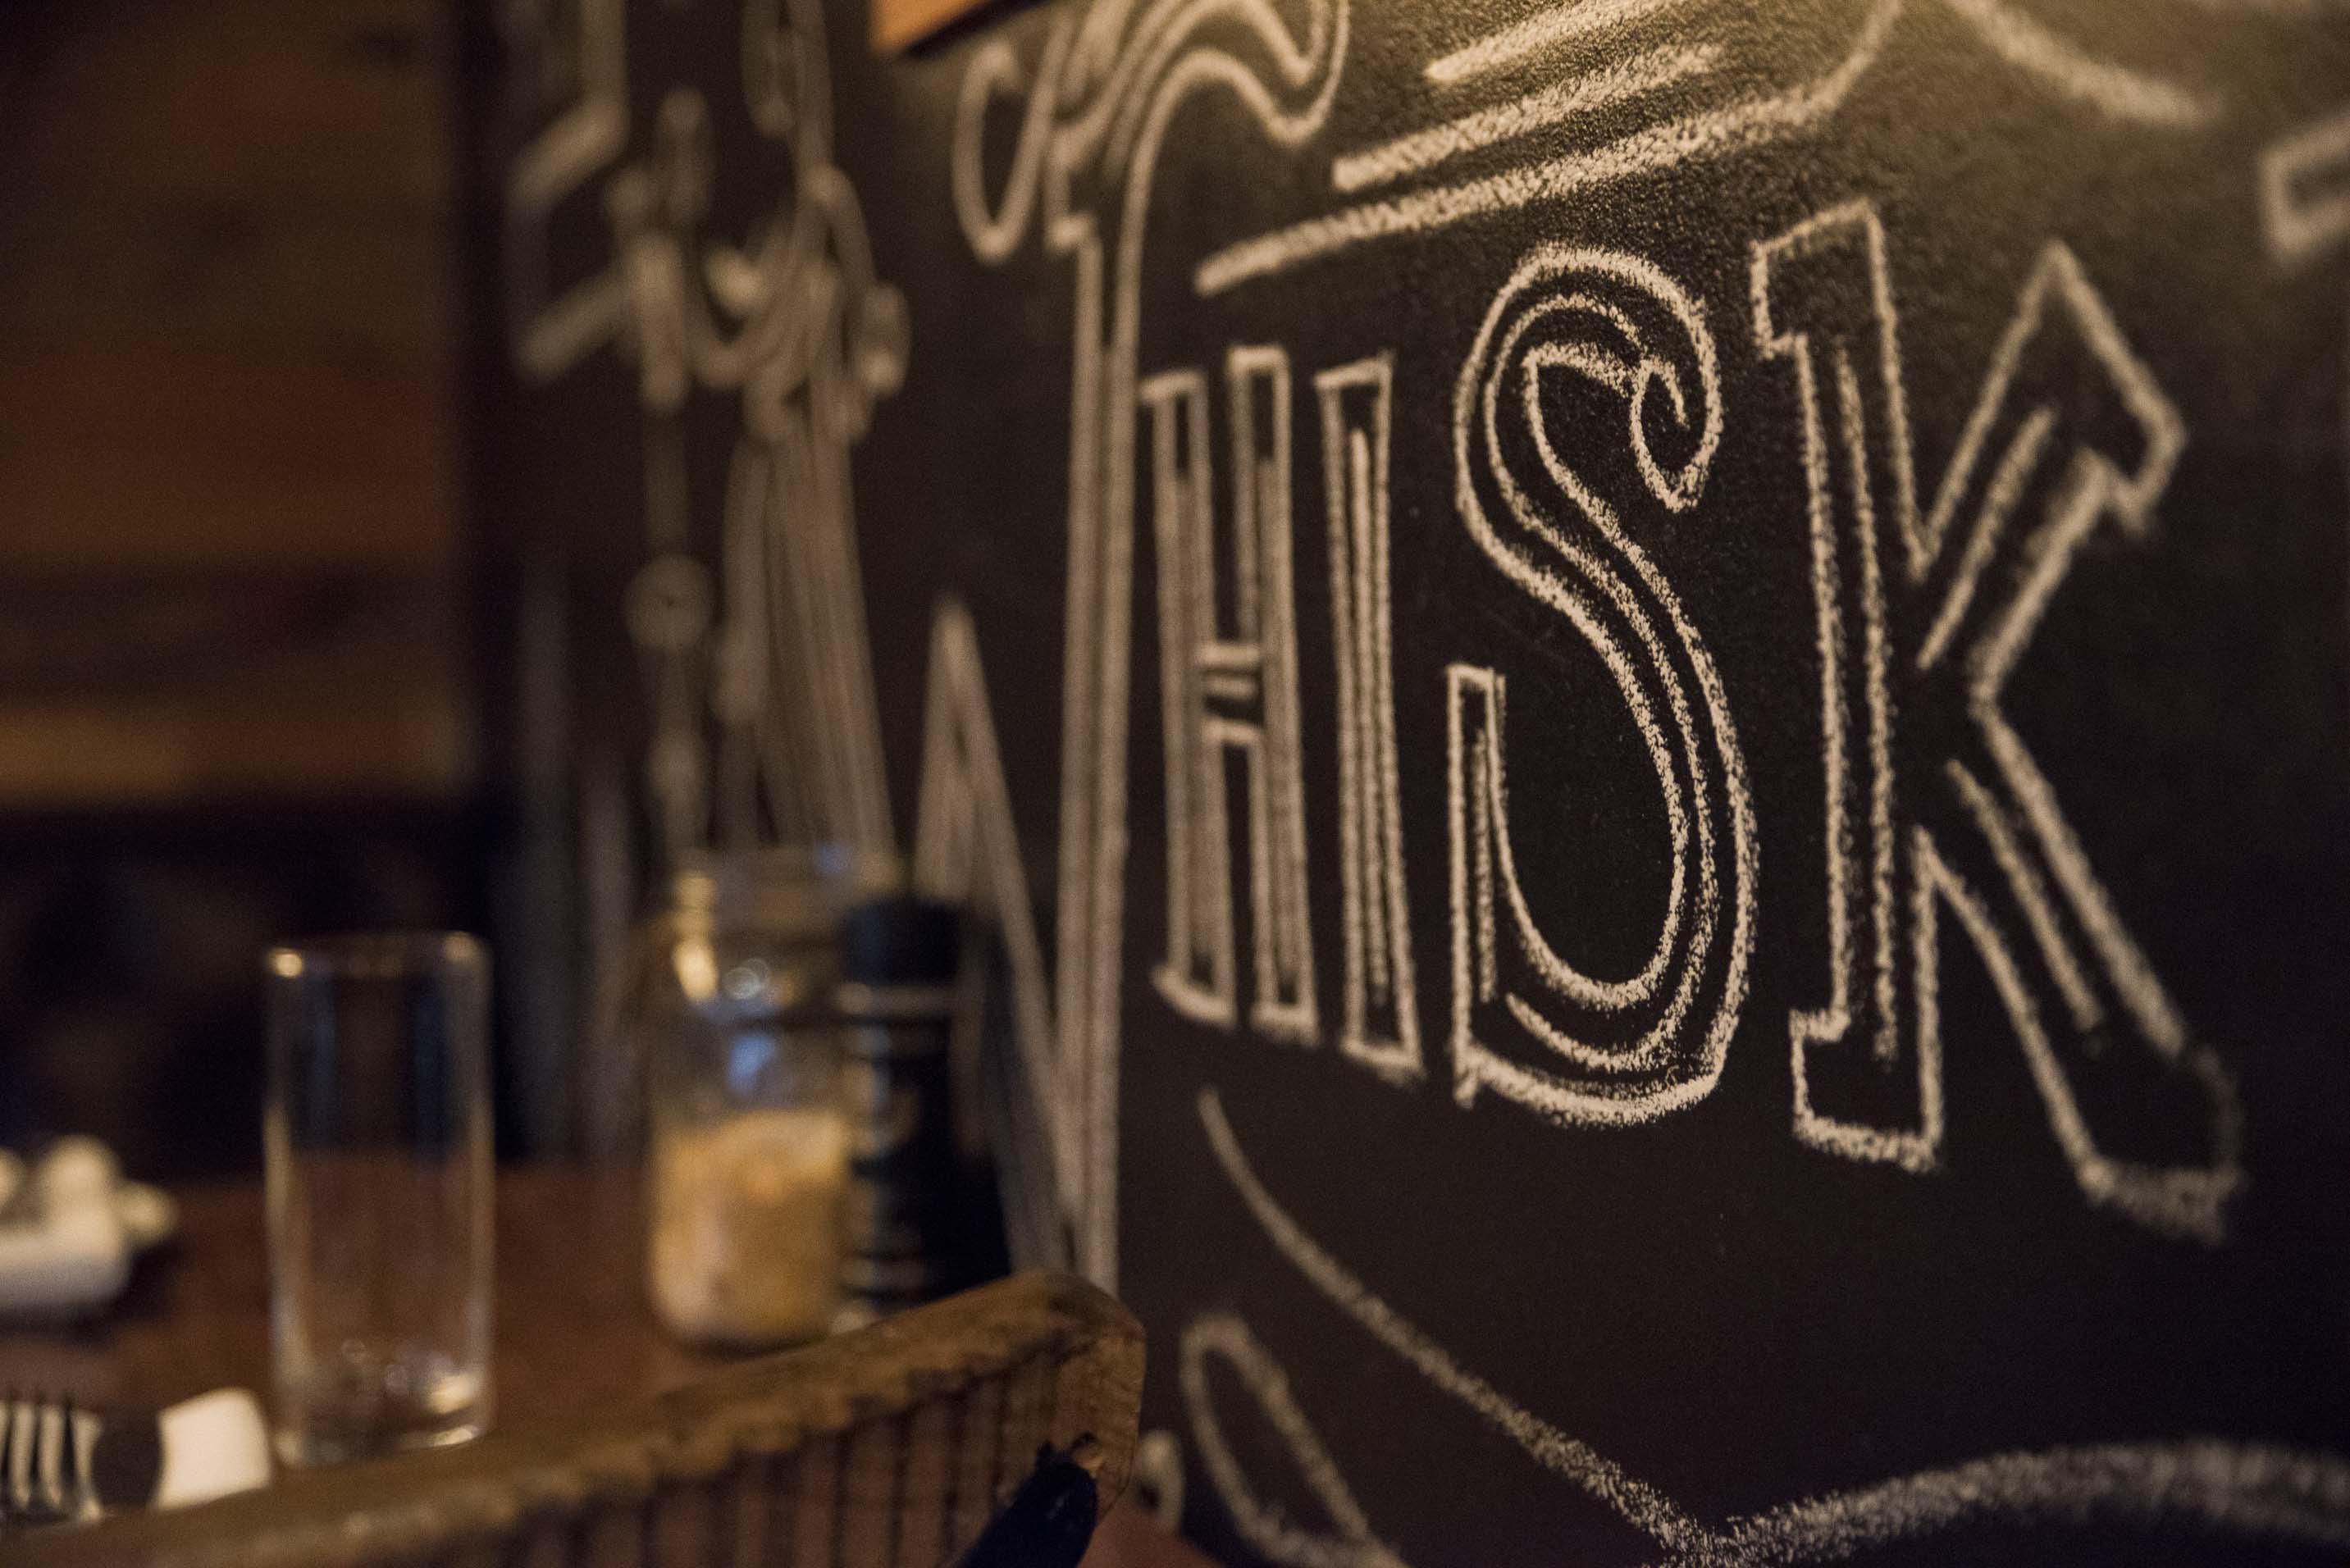 chalk art at southern social